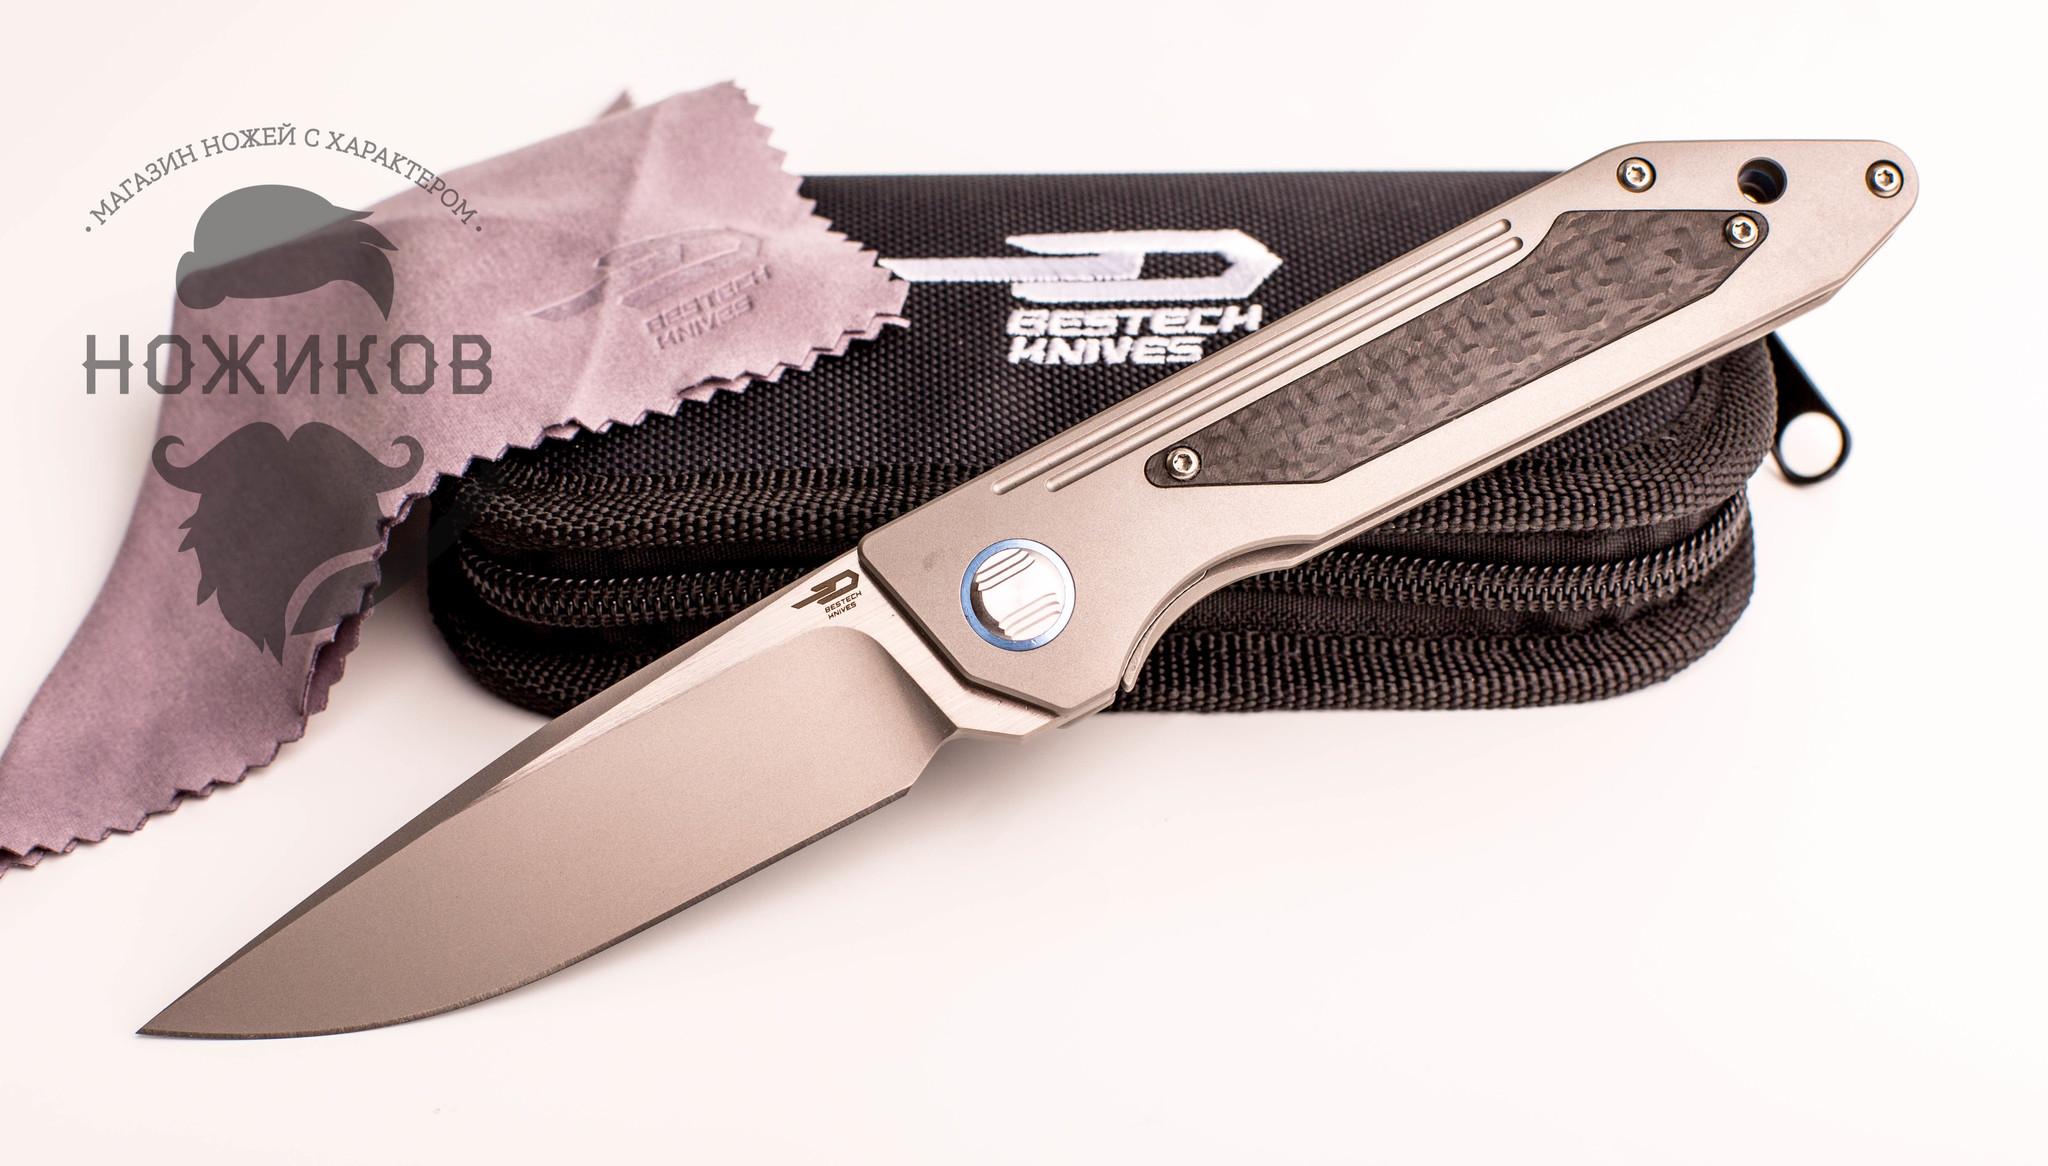 Складной нож Bestech SHINKANZEN BT1803A, сталь CPM-S35VN, рукоять титан складной нож bestech junzi bt1809c сталь cpm s35vn рукоять титан